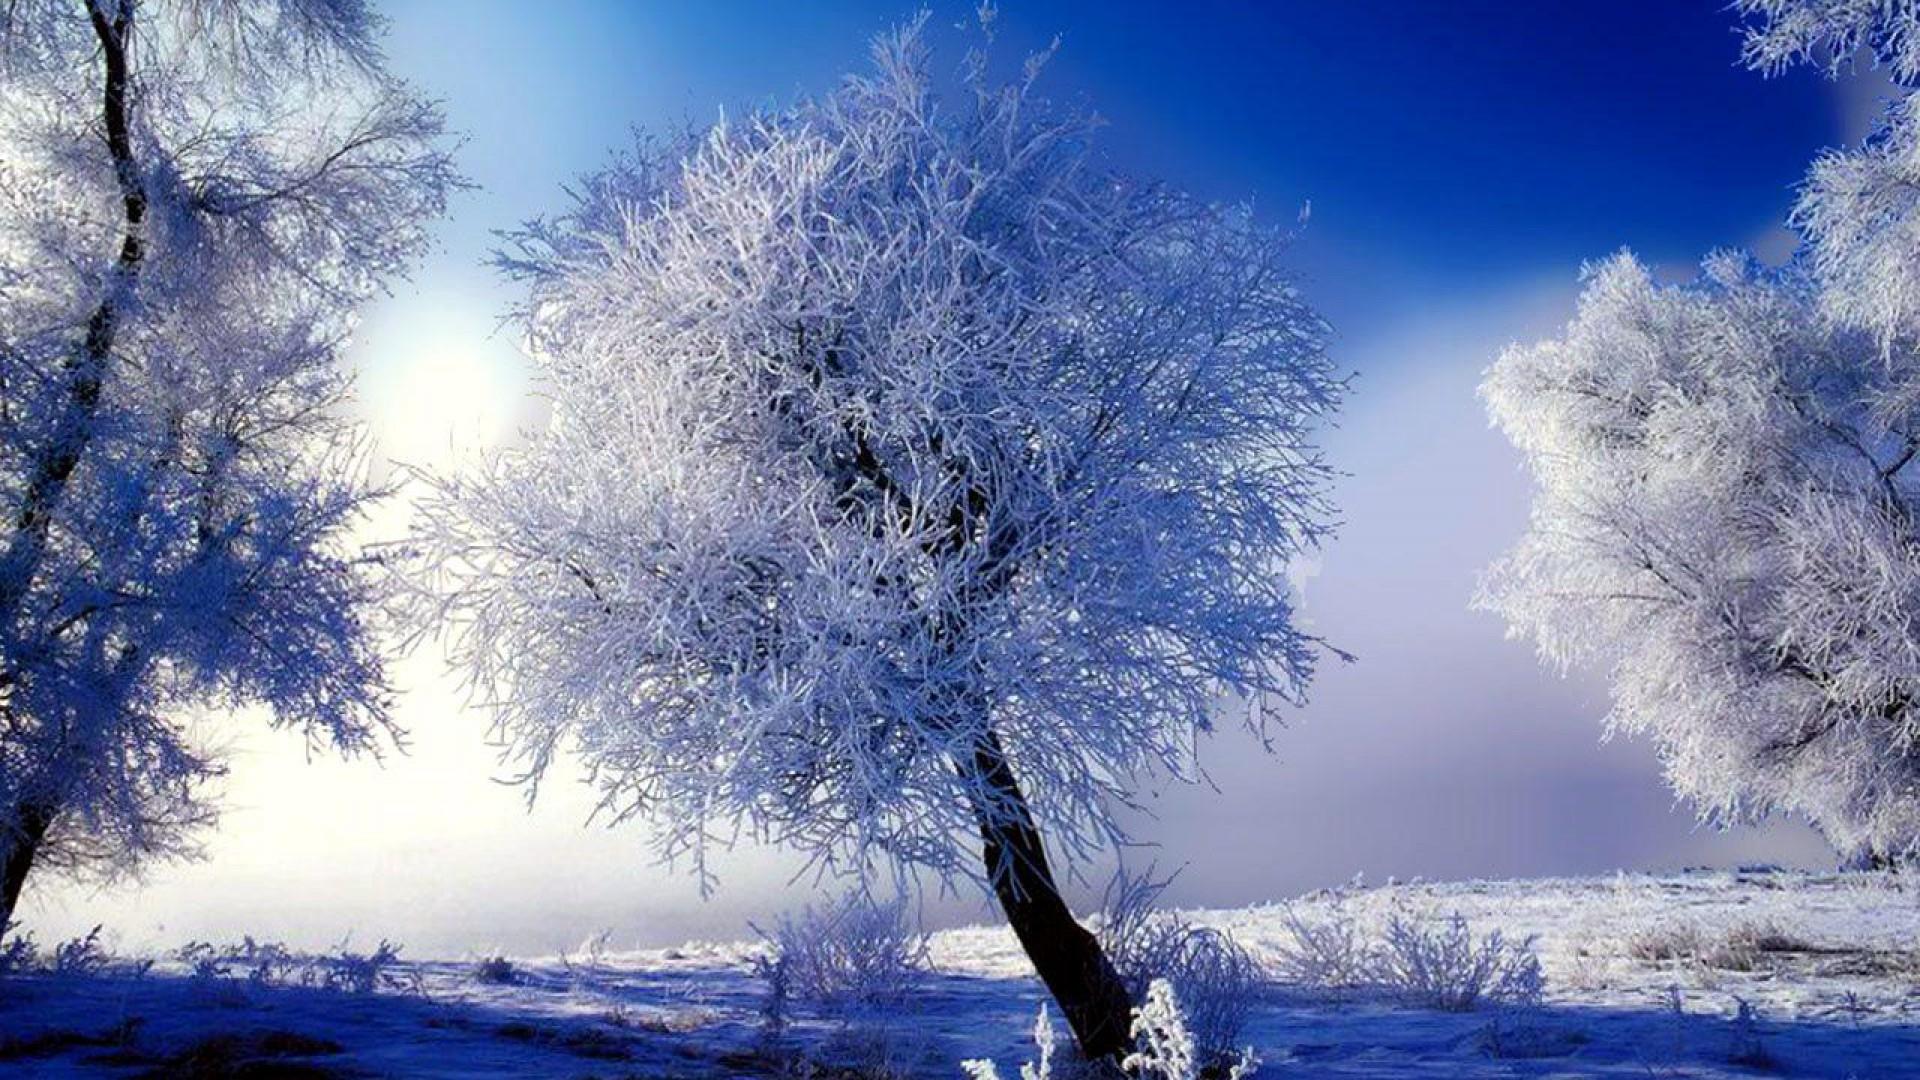 wallpaper winter scenes  58  images